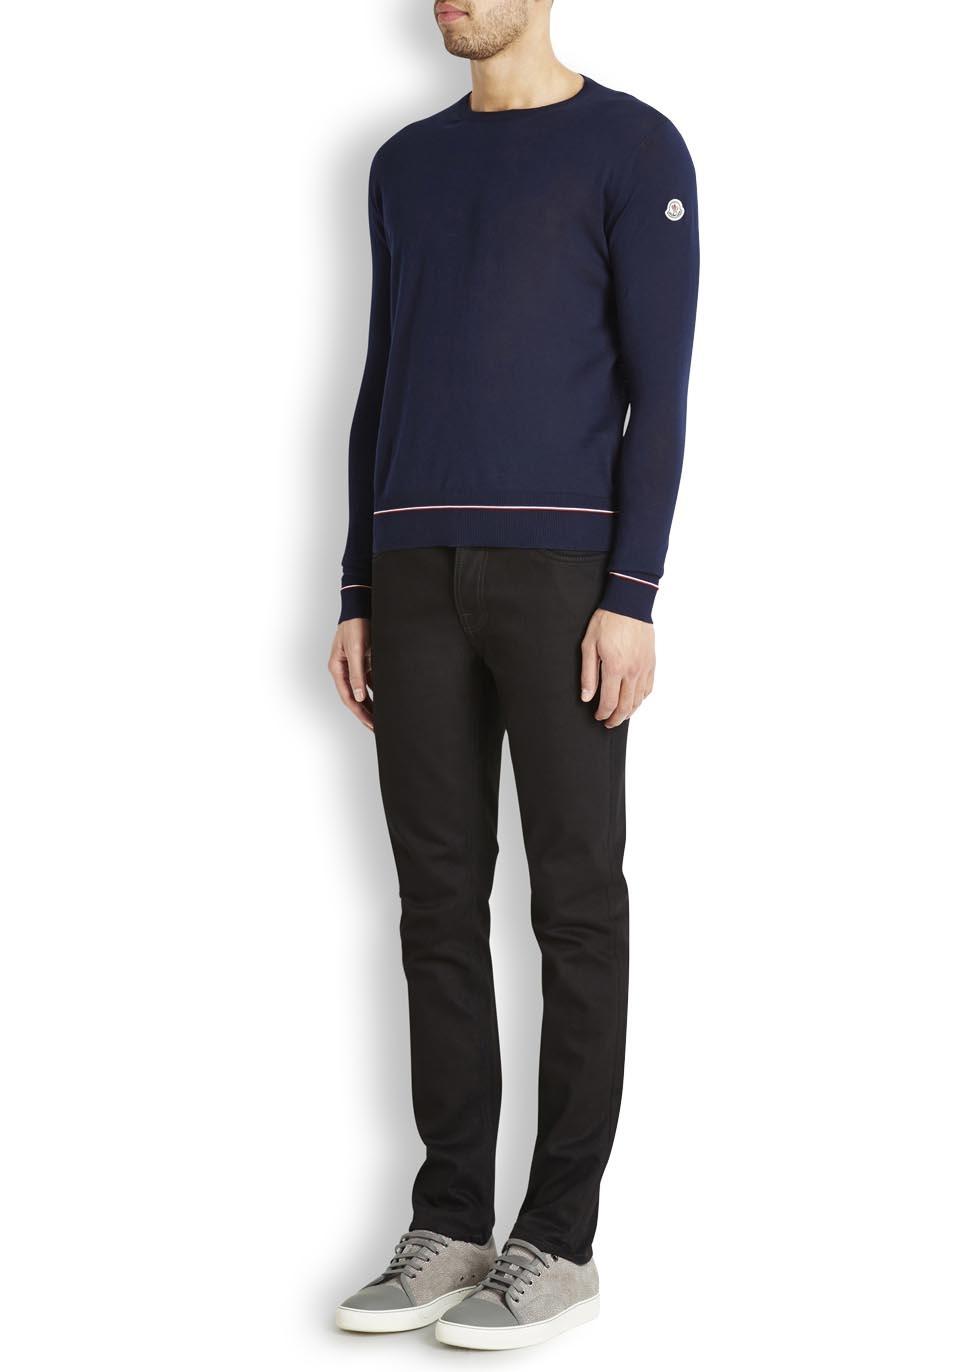 moncler navy jumper